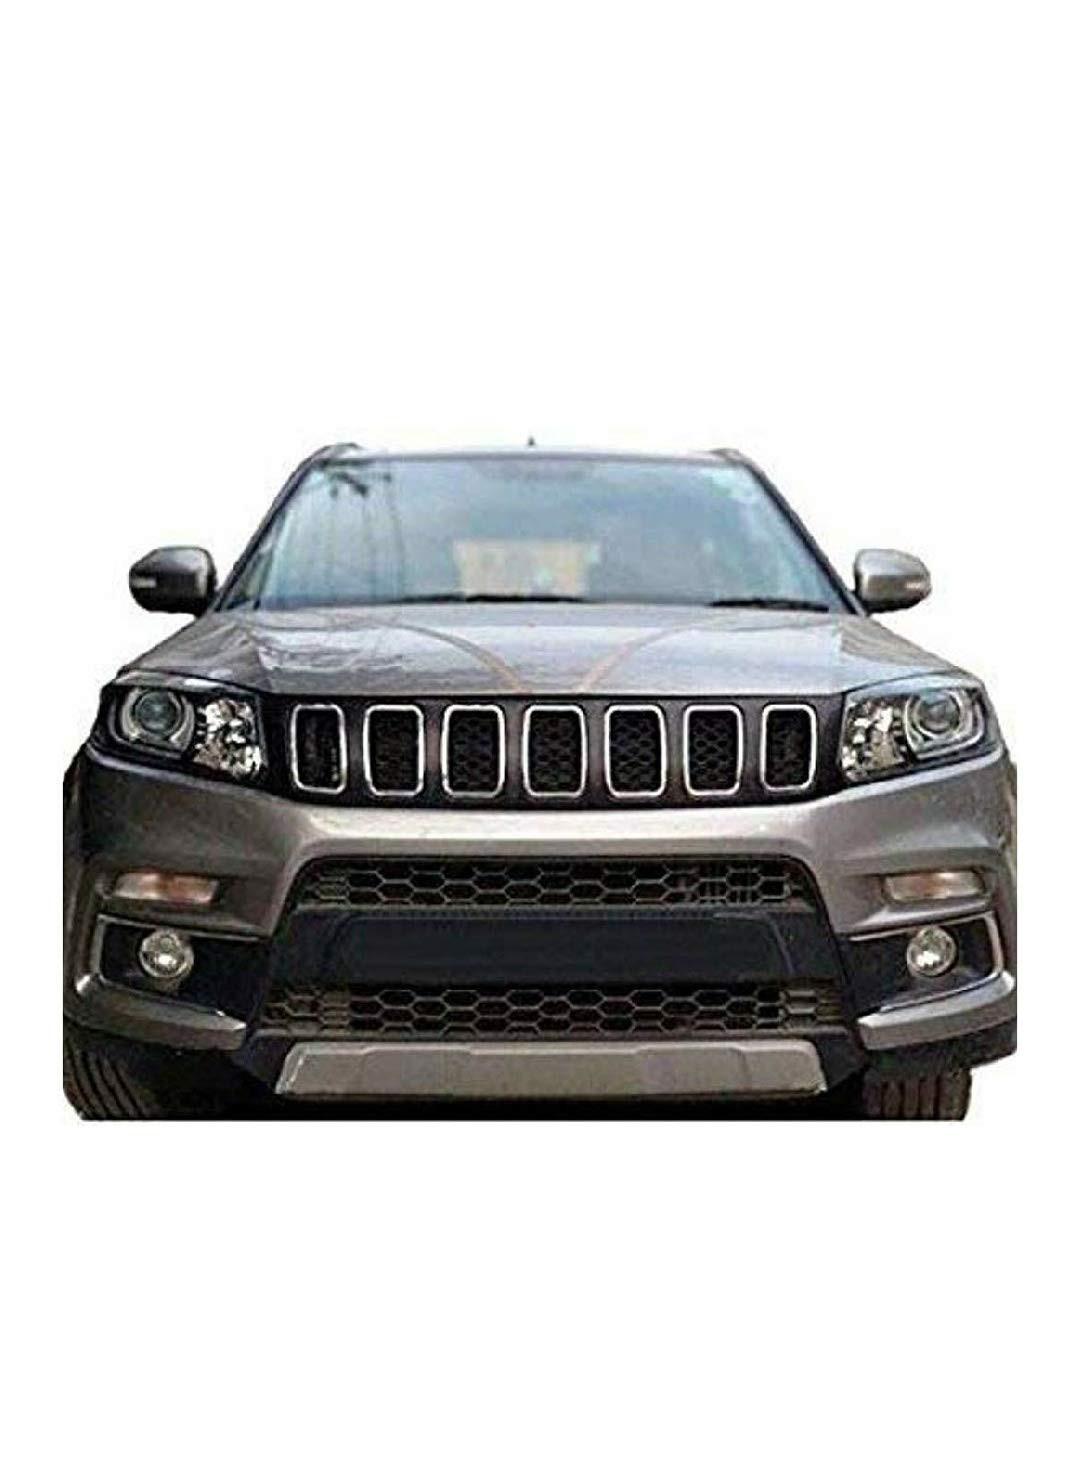 front-grill-for-maruti-suzuki-vitara-brezza-jeep-compass-style